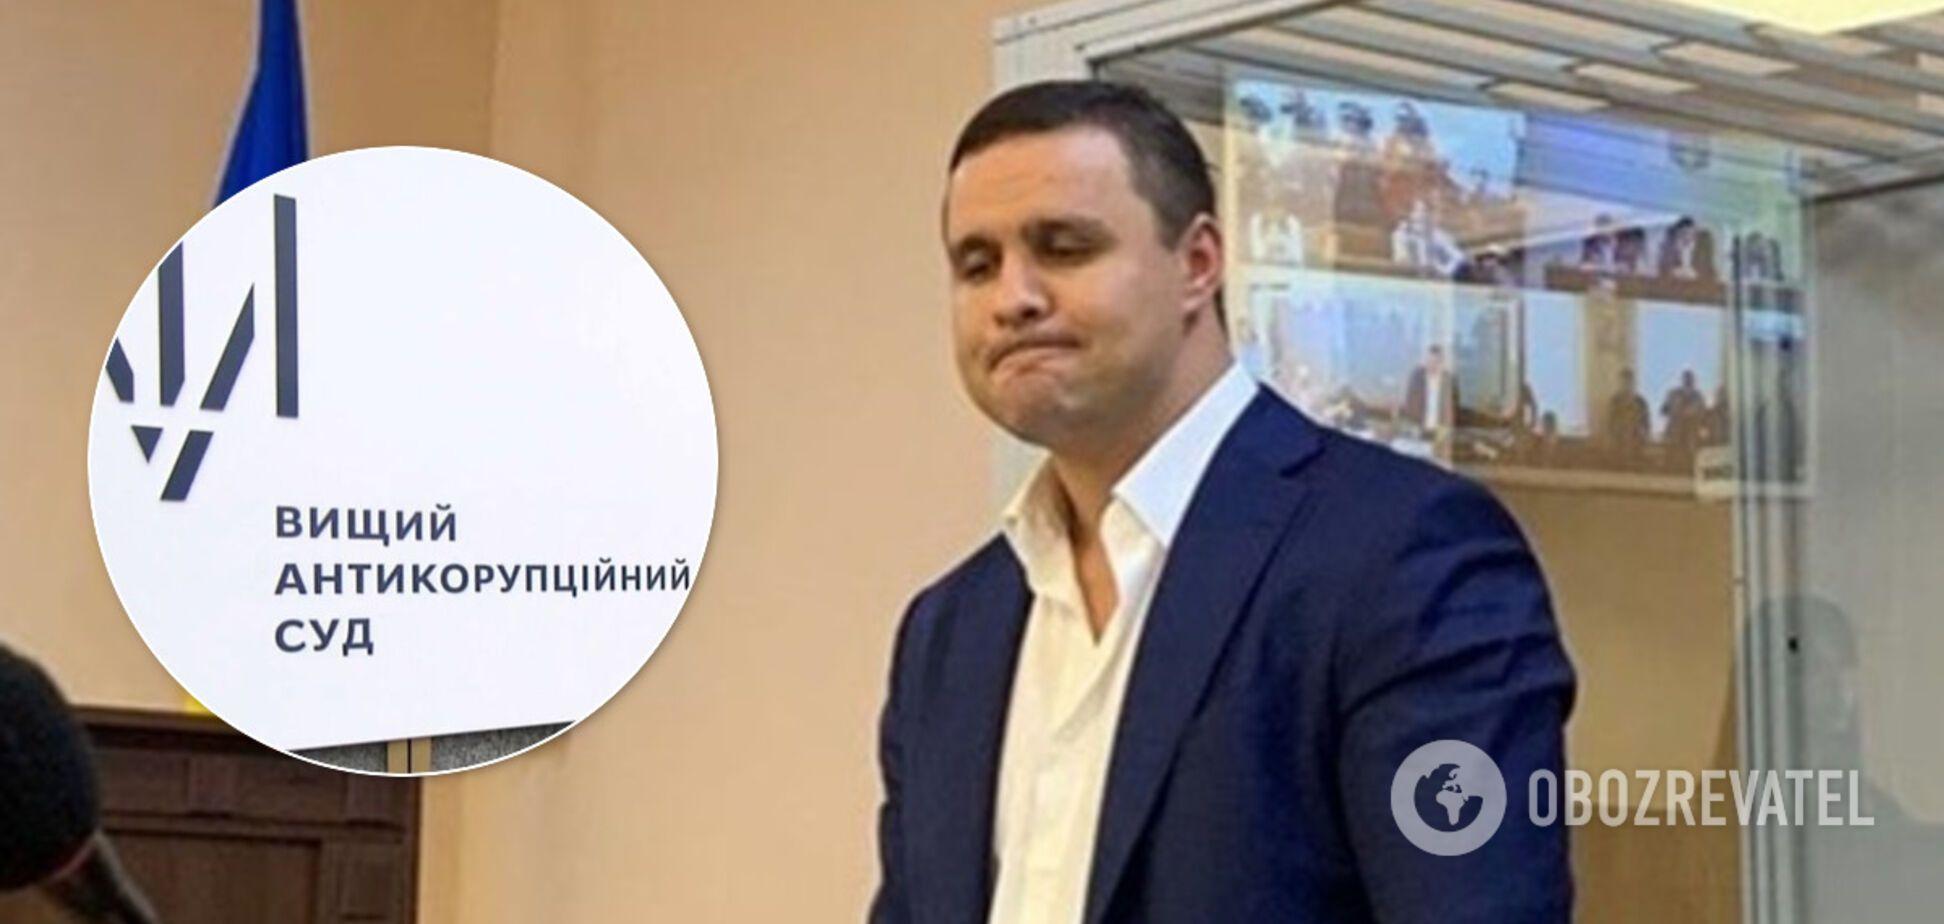 Суд виніс скандальне рішення щодо Микитася і зняв усі зобов'язання – журналістка